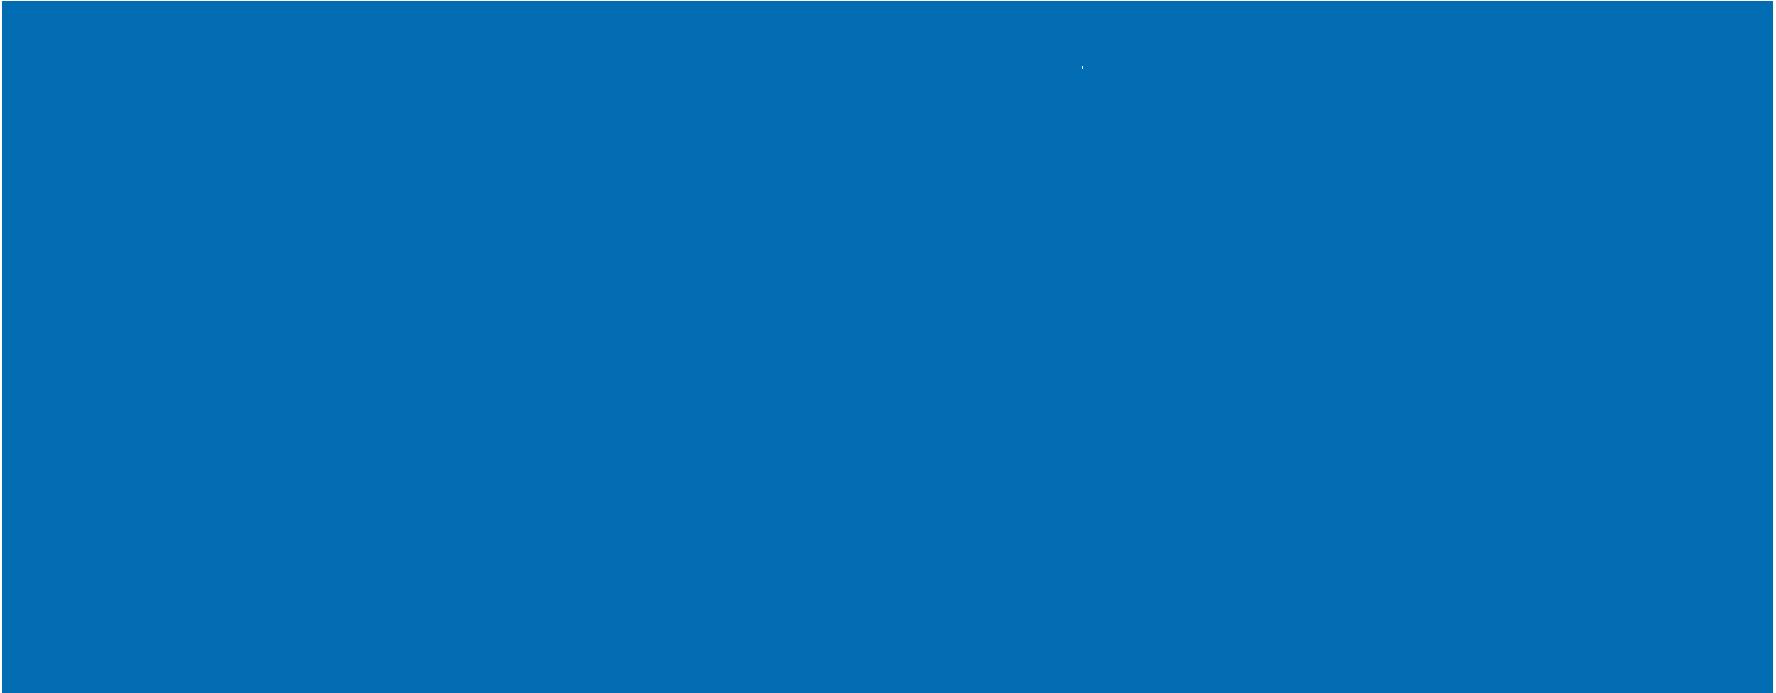 RoboCupJunior Austria